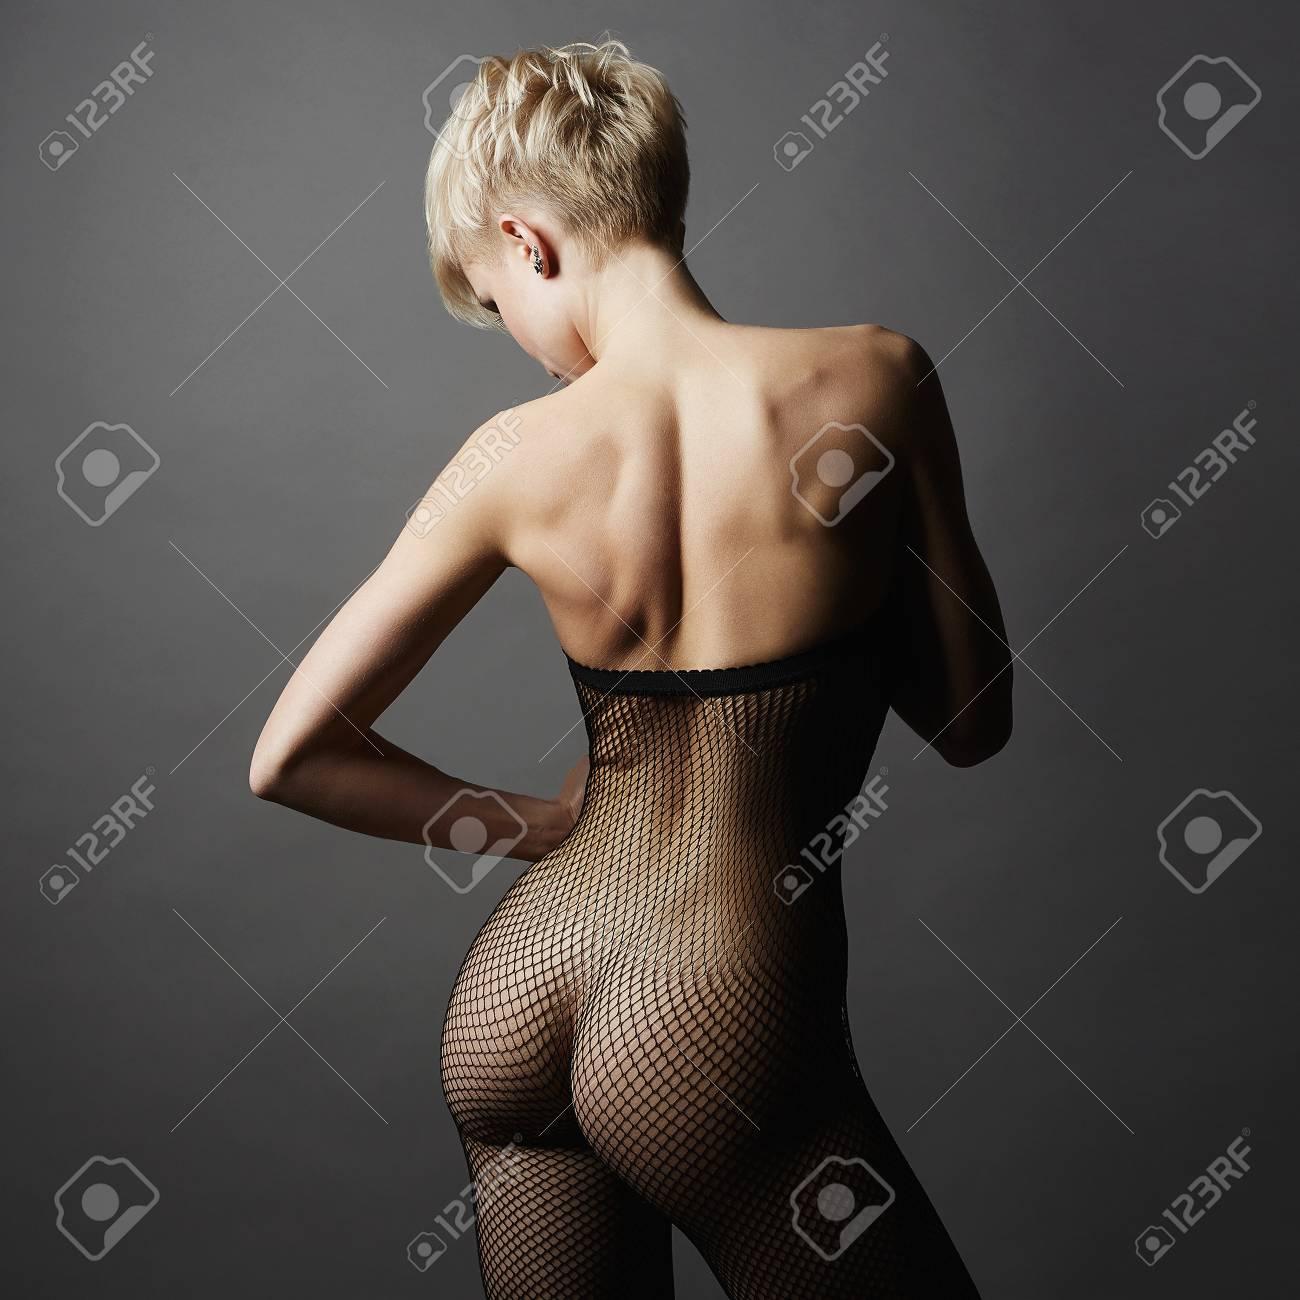 Kostenlose iPhone grobe Pornos nackt sexy Frau Bild